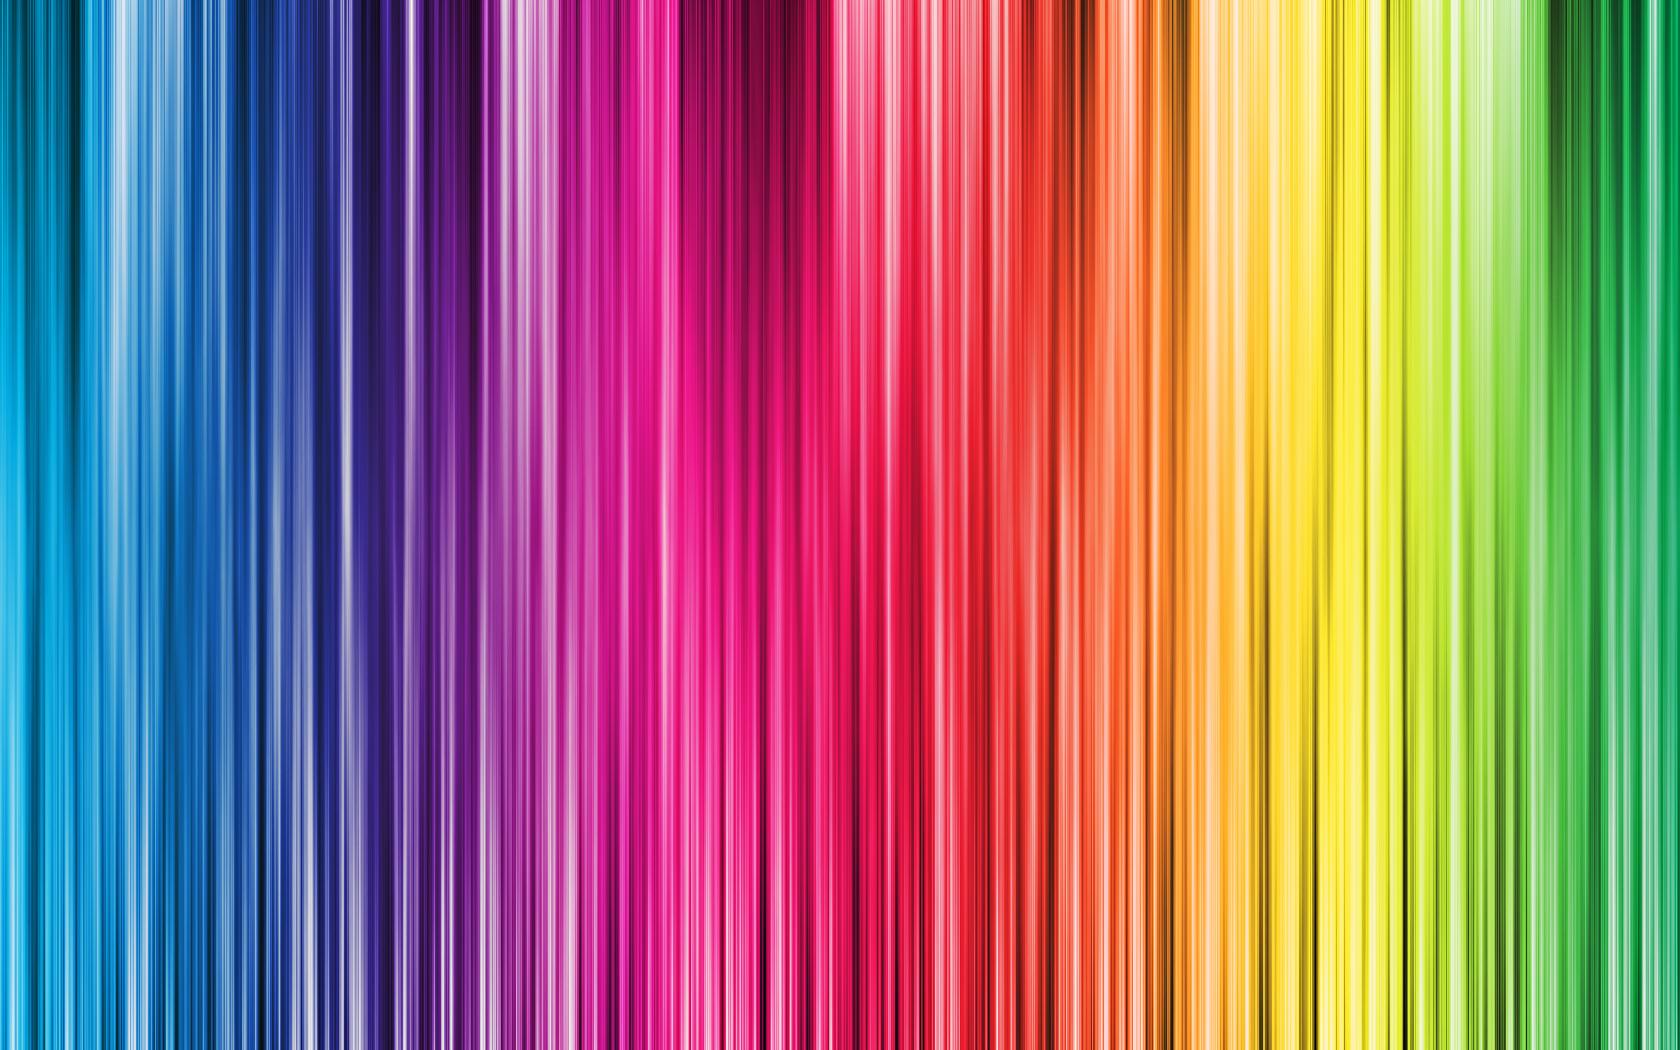 HD Multi Colored Lines